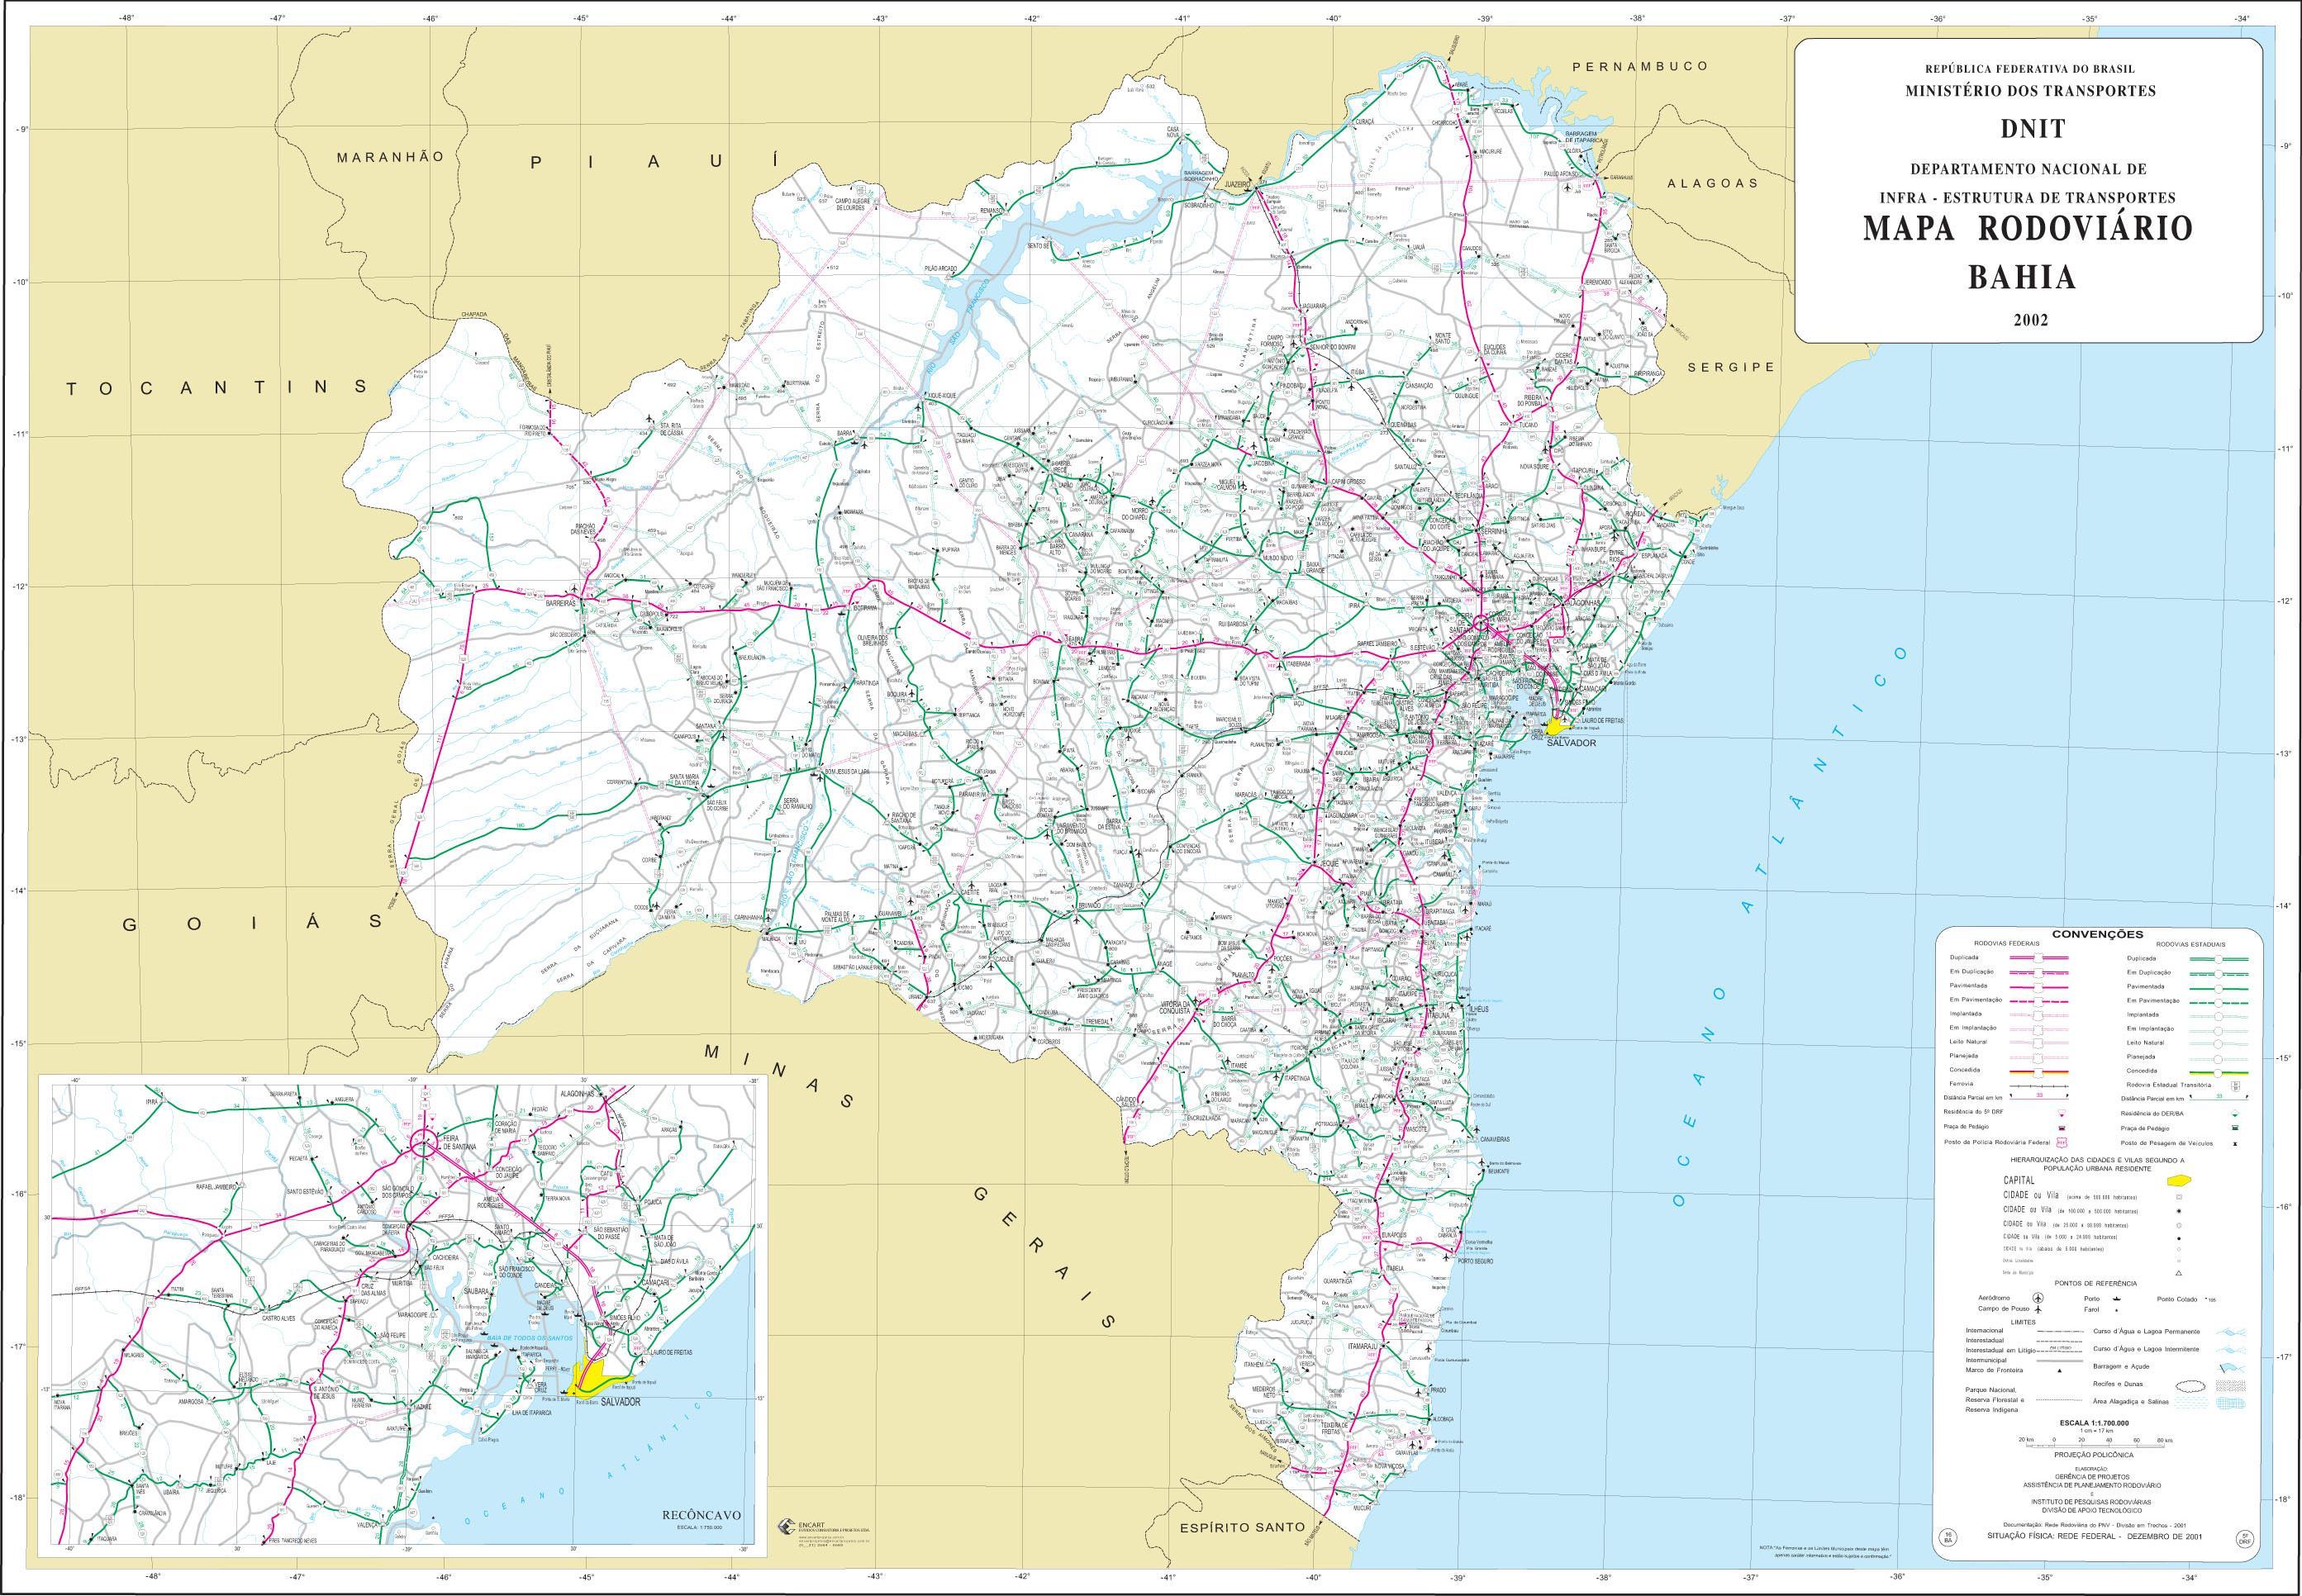 Mapa de Carreteras Federales y Estatales del Edo. de Bahia, Brasil